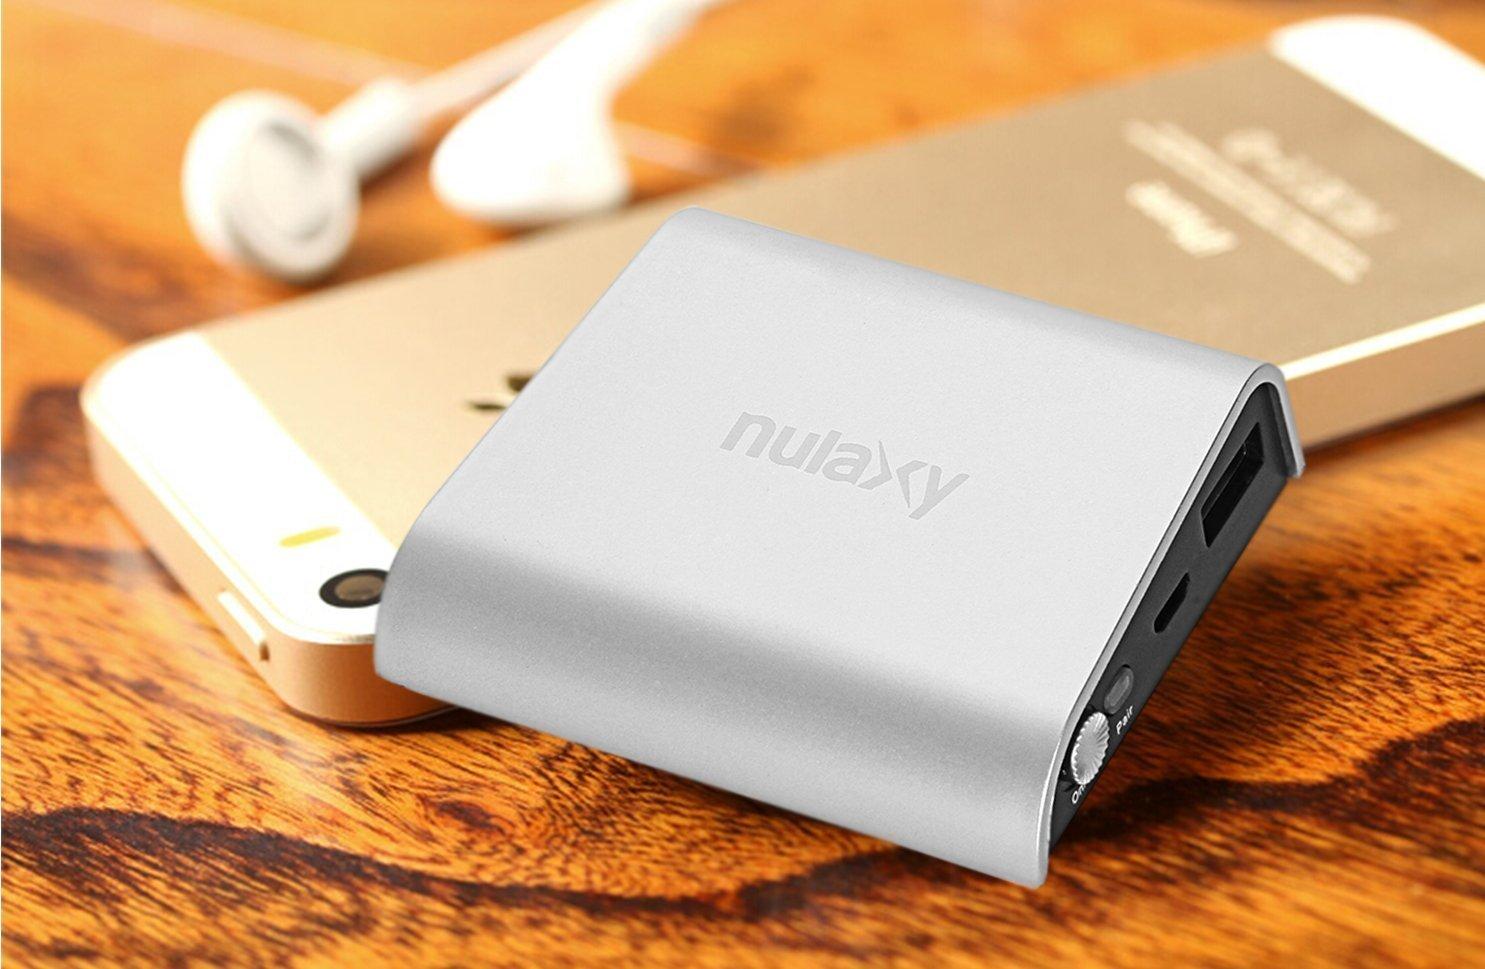 NulaxyTM Adaptador Bluetooth Convertir universal USB Teclado y Ratón de Bluetooth Teclado y Ratón para iOS Android Windows Phones Tabletas Computadoras ...